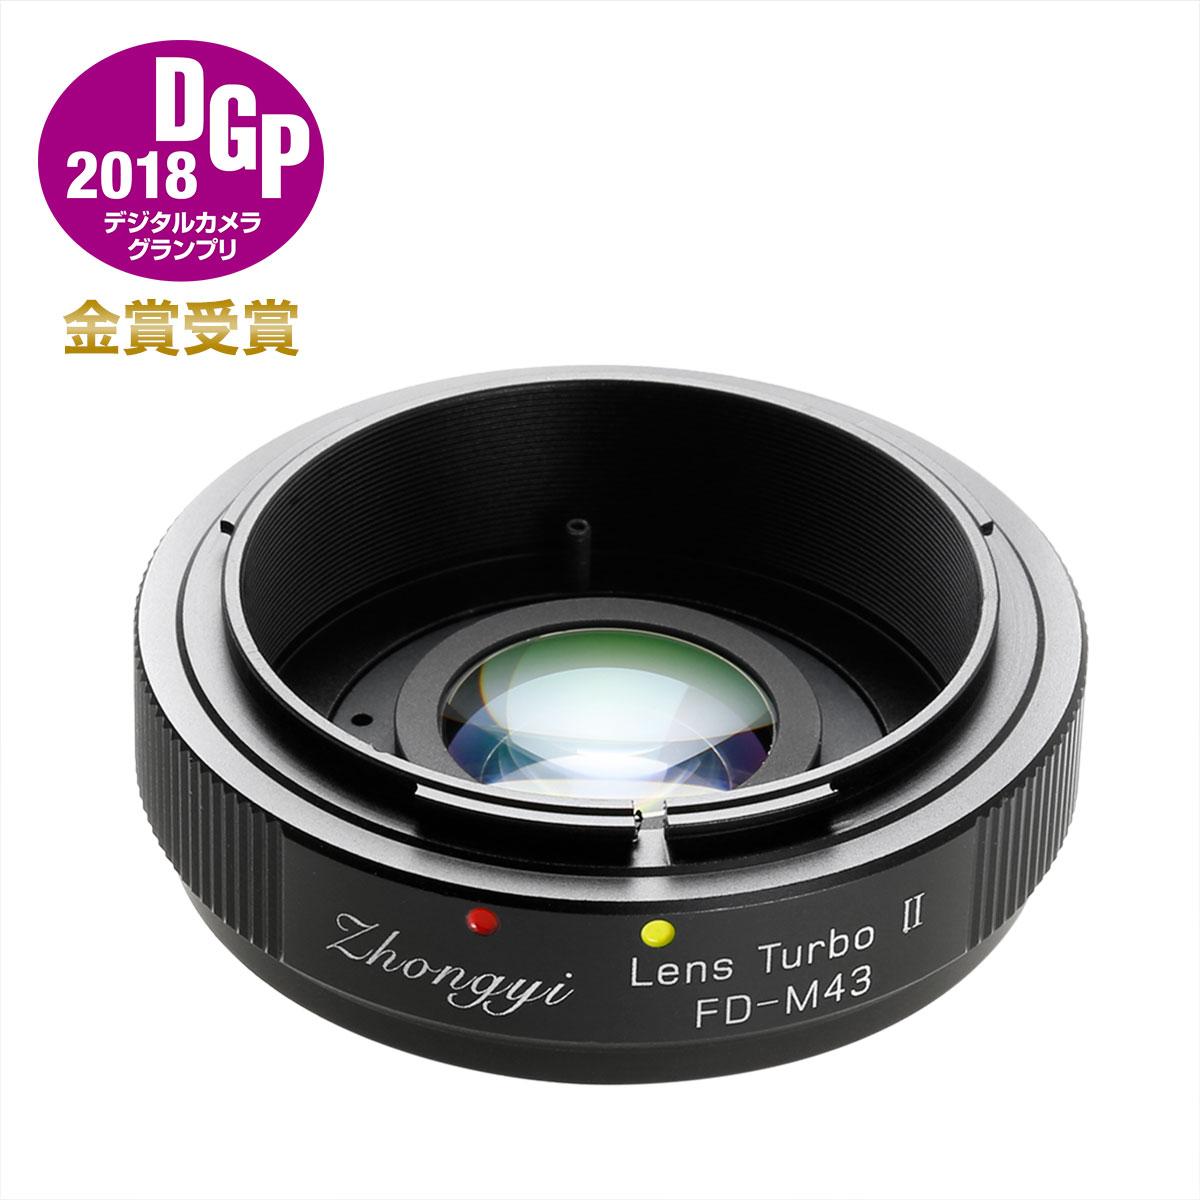 中一光学 Lens Turbo II FD-m4/3 キヤノンFDマウントレンズ - マイクロフォーサーズマウント フォーカルレデューサーアダプター